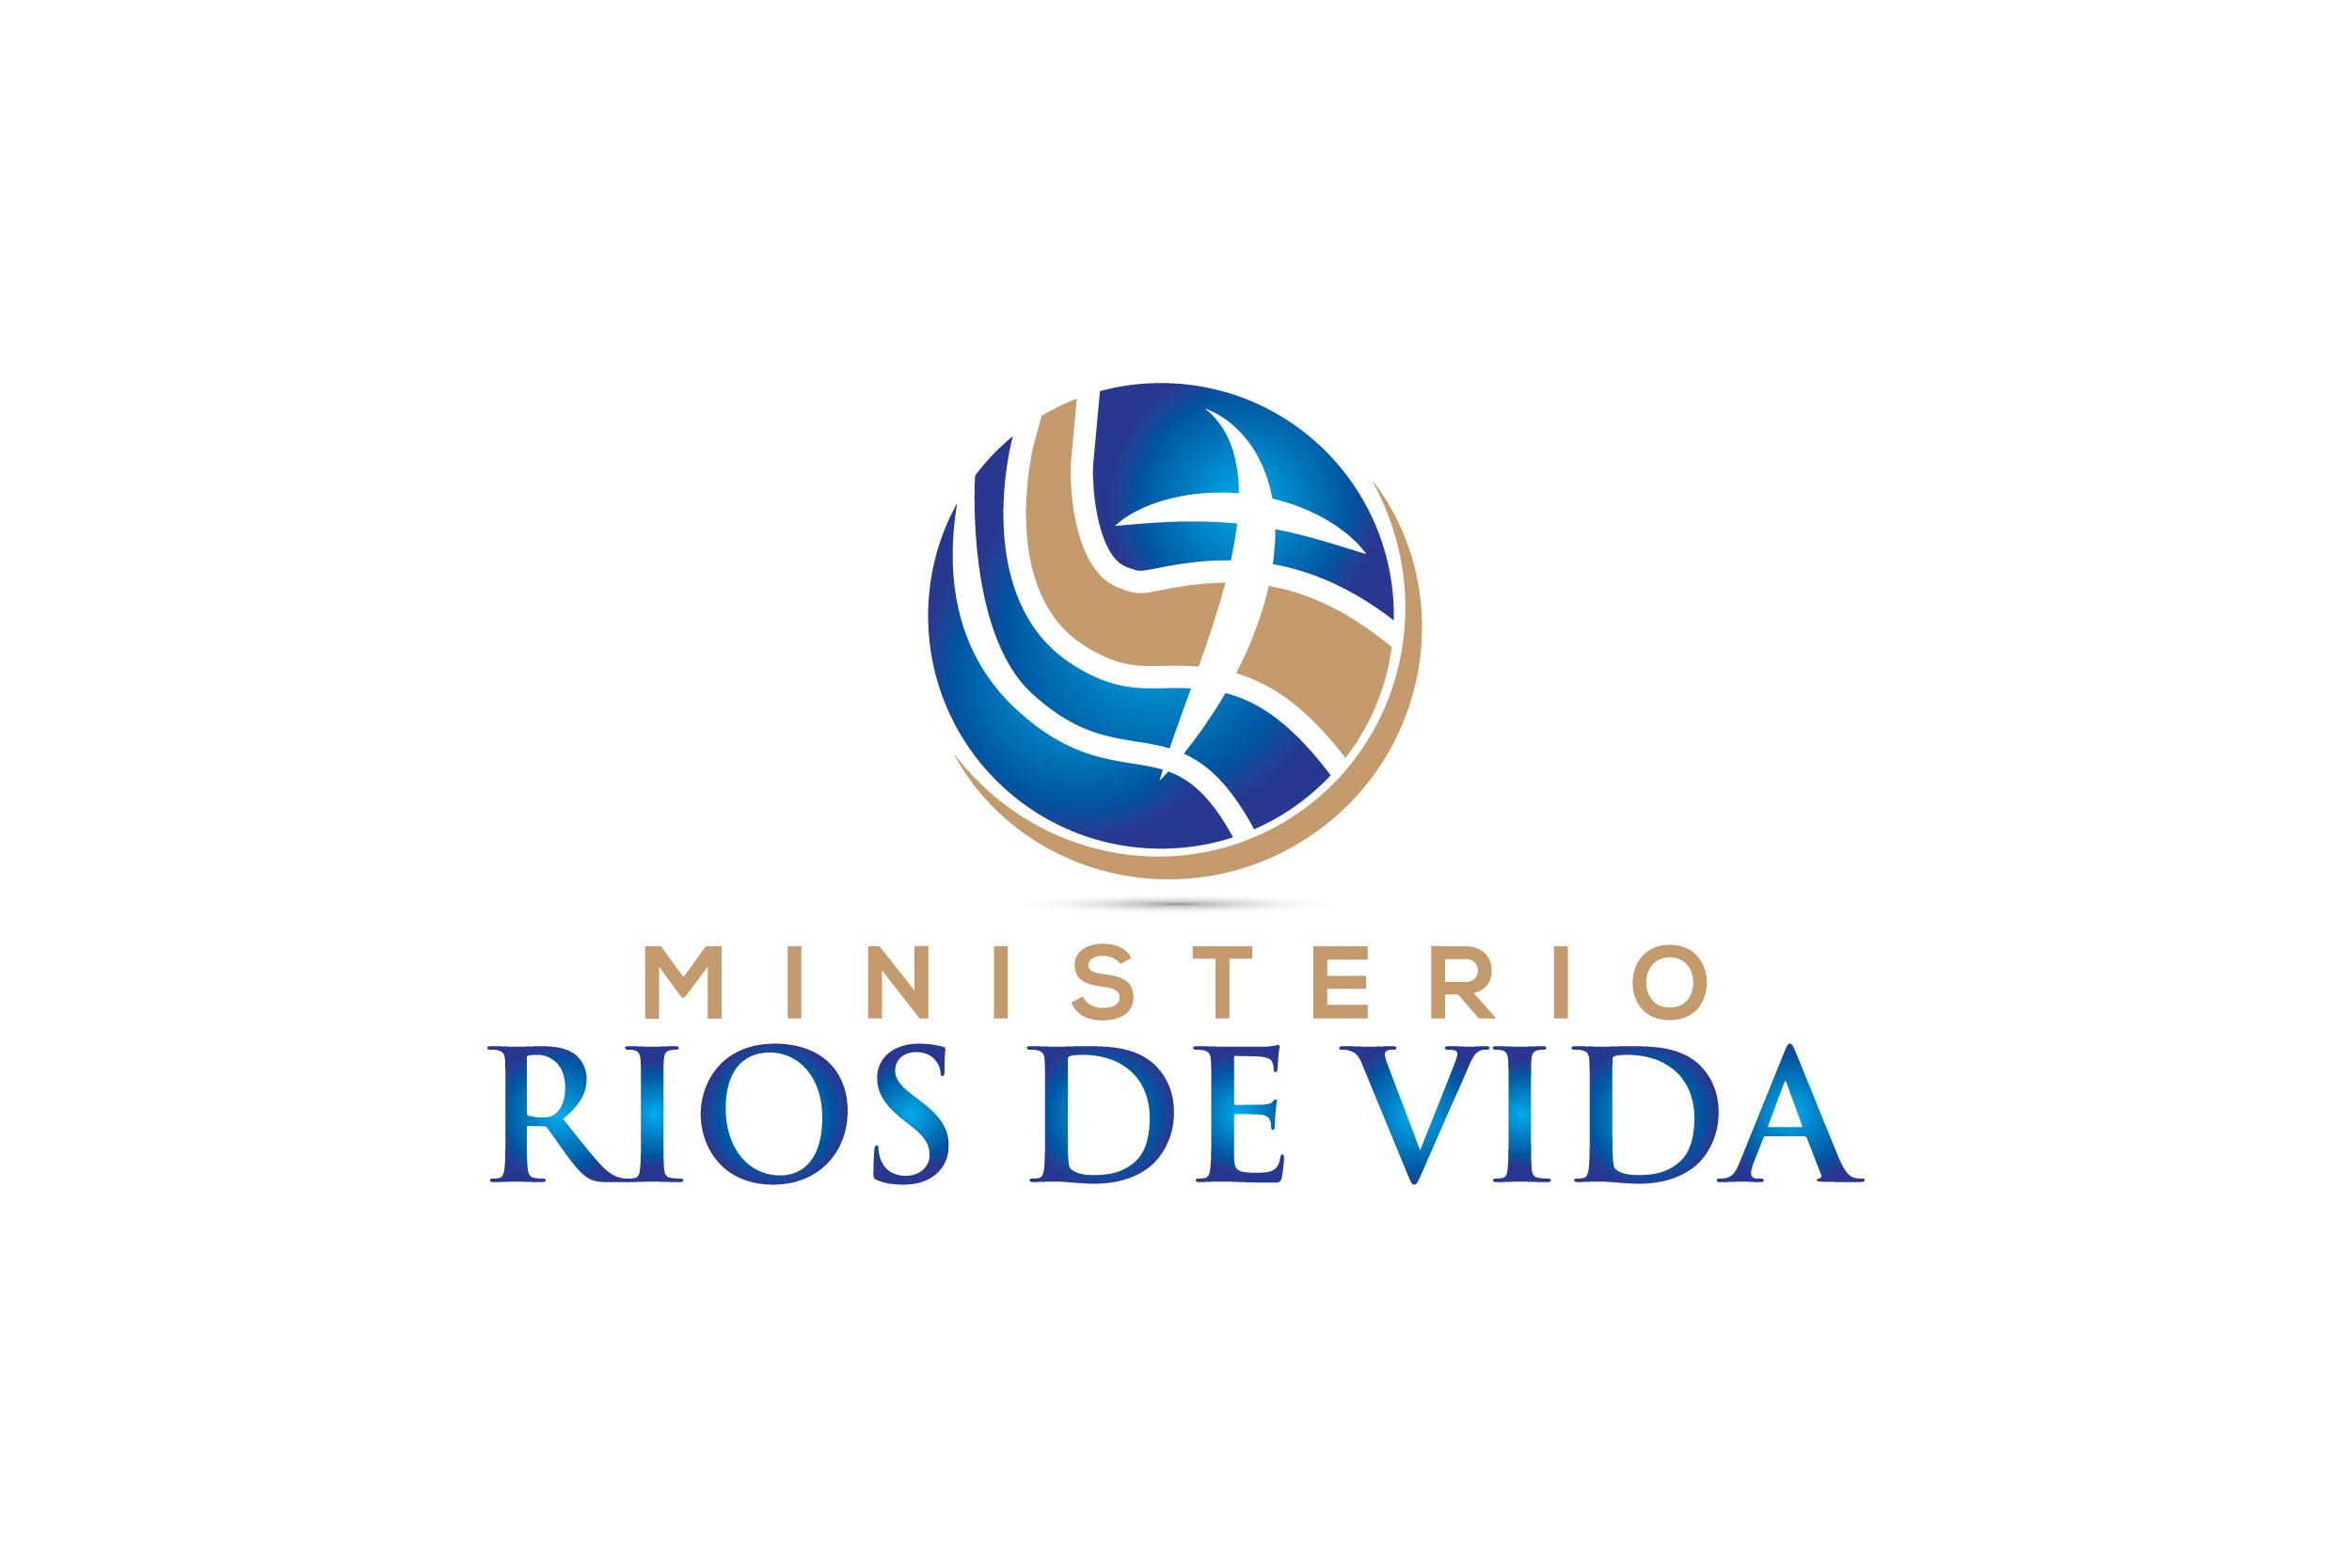 Ministerios Rios De Vida of San Antonio, TX